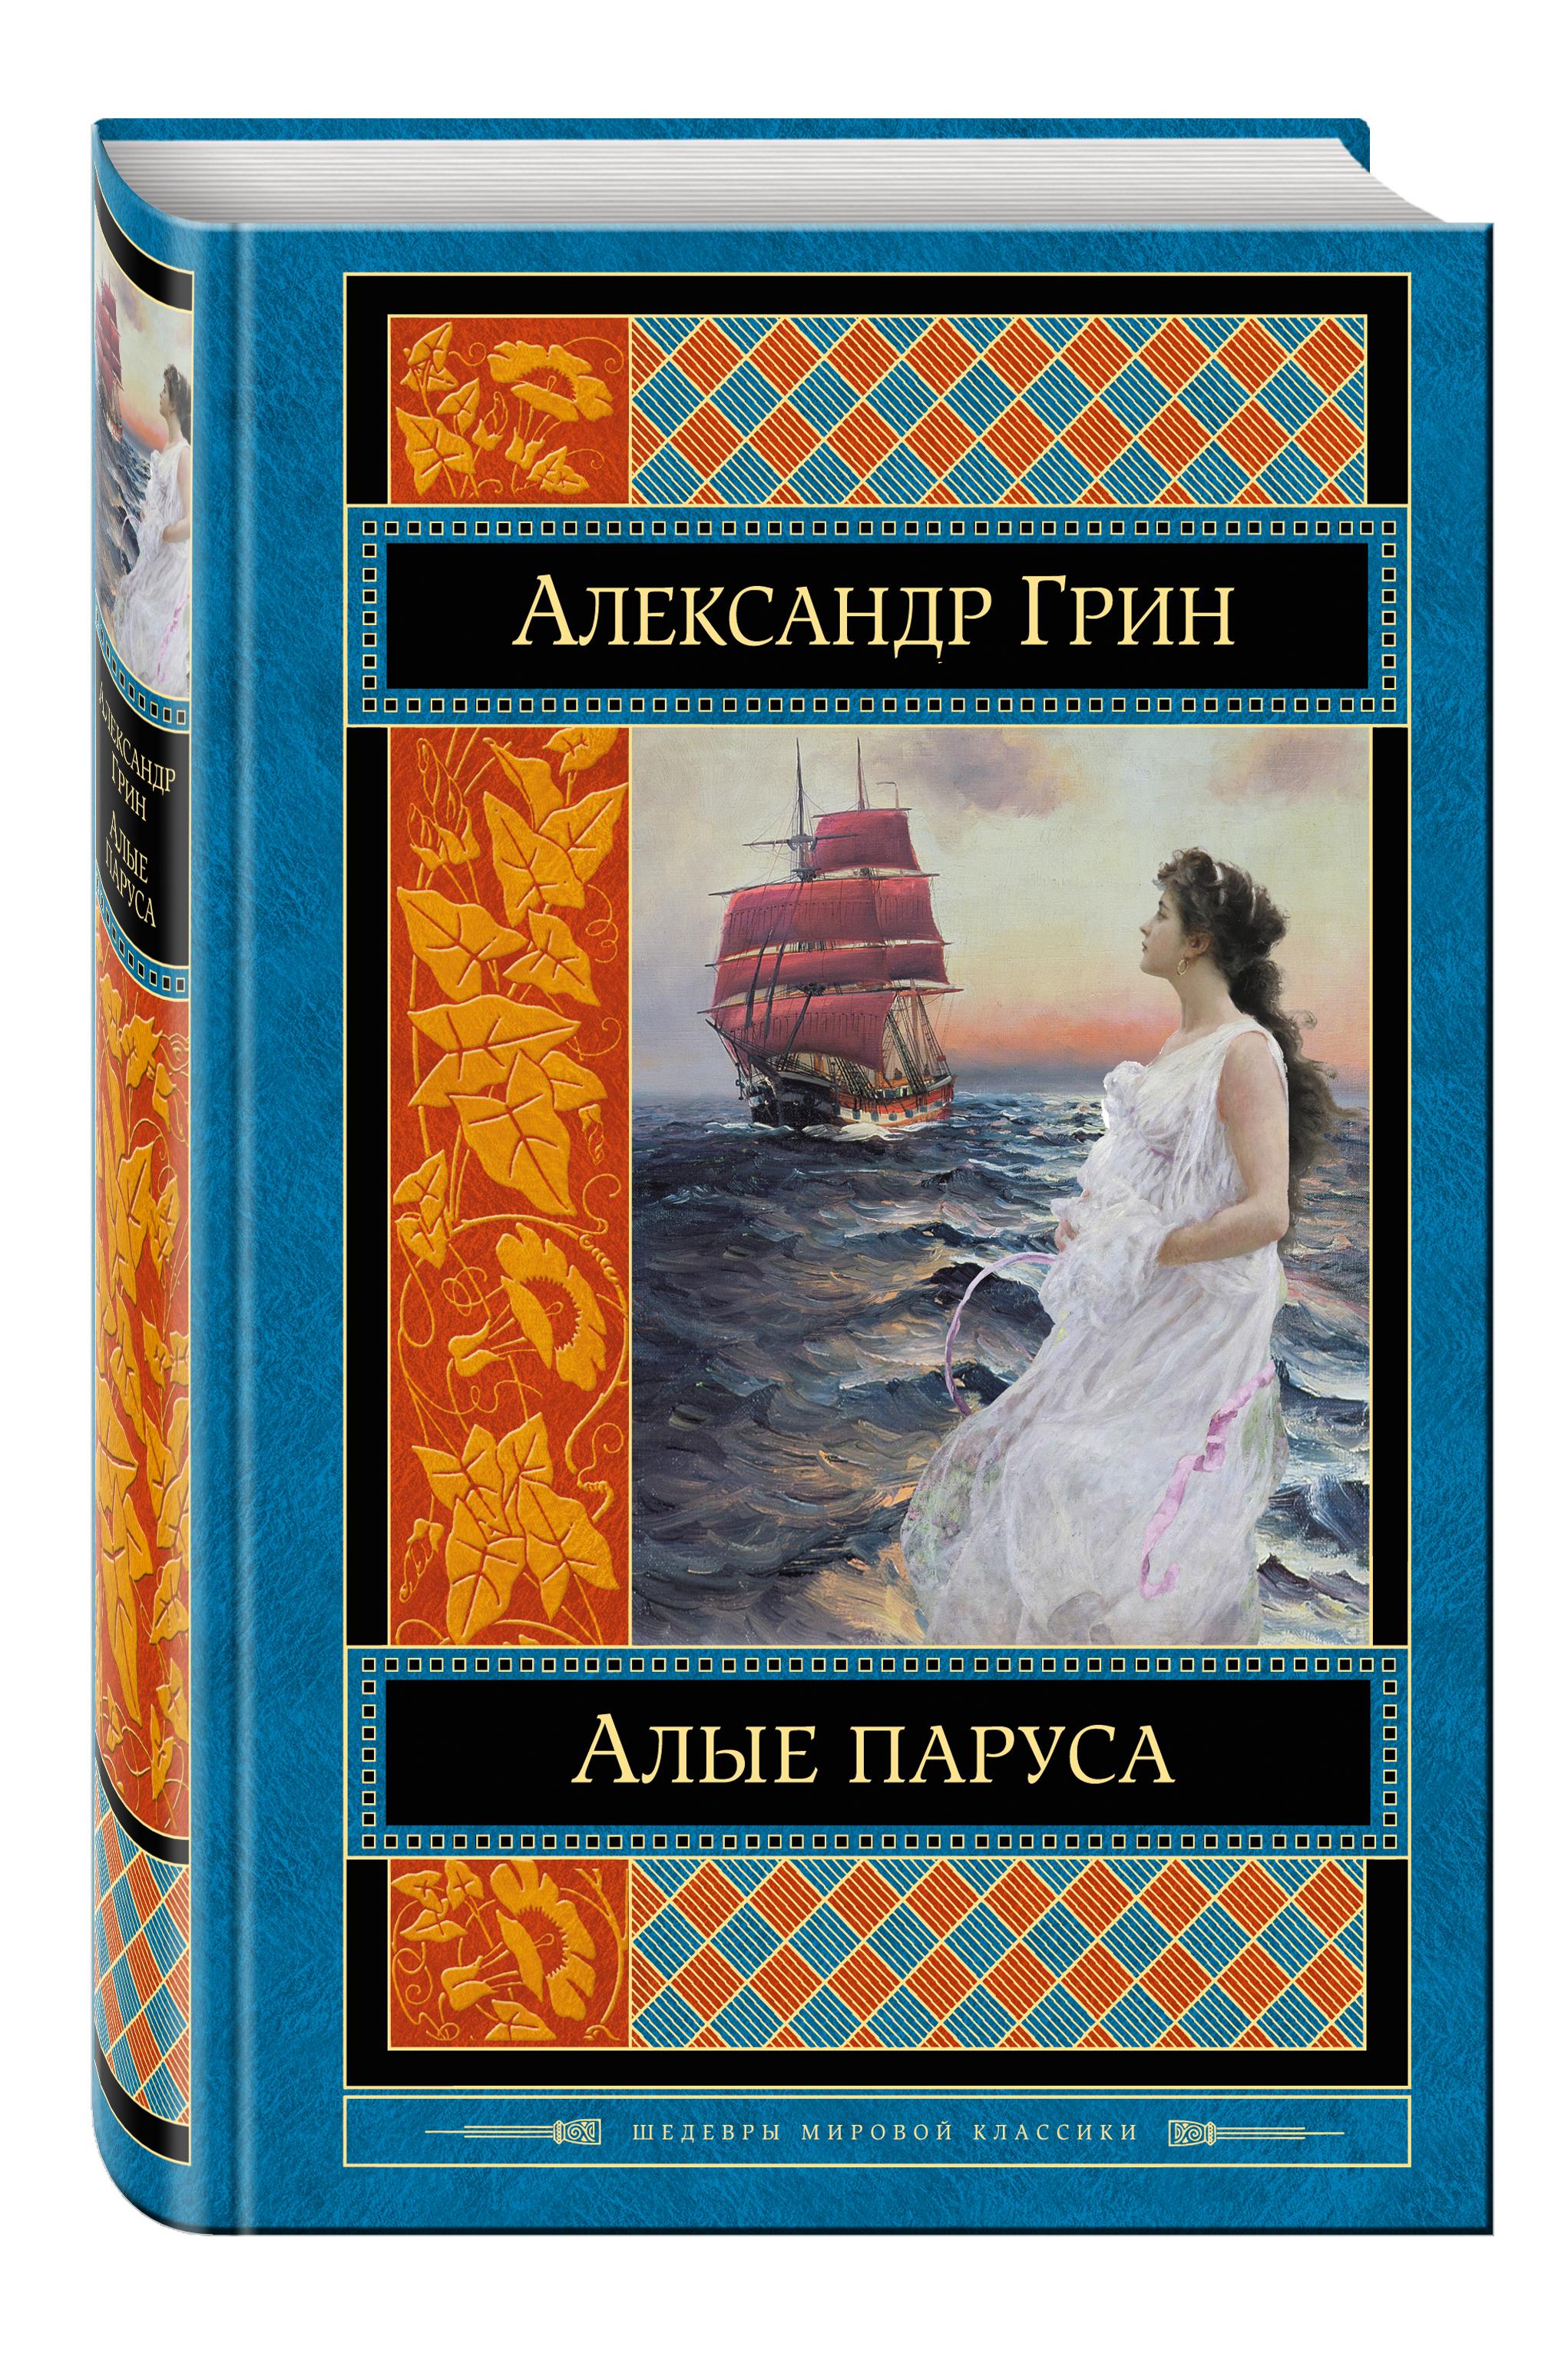 Грин А.С. Алые паруса cd аудиокнига новый диск алые паруса бегущая по волнам рассказы грин а jewel box